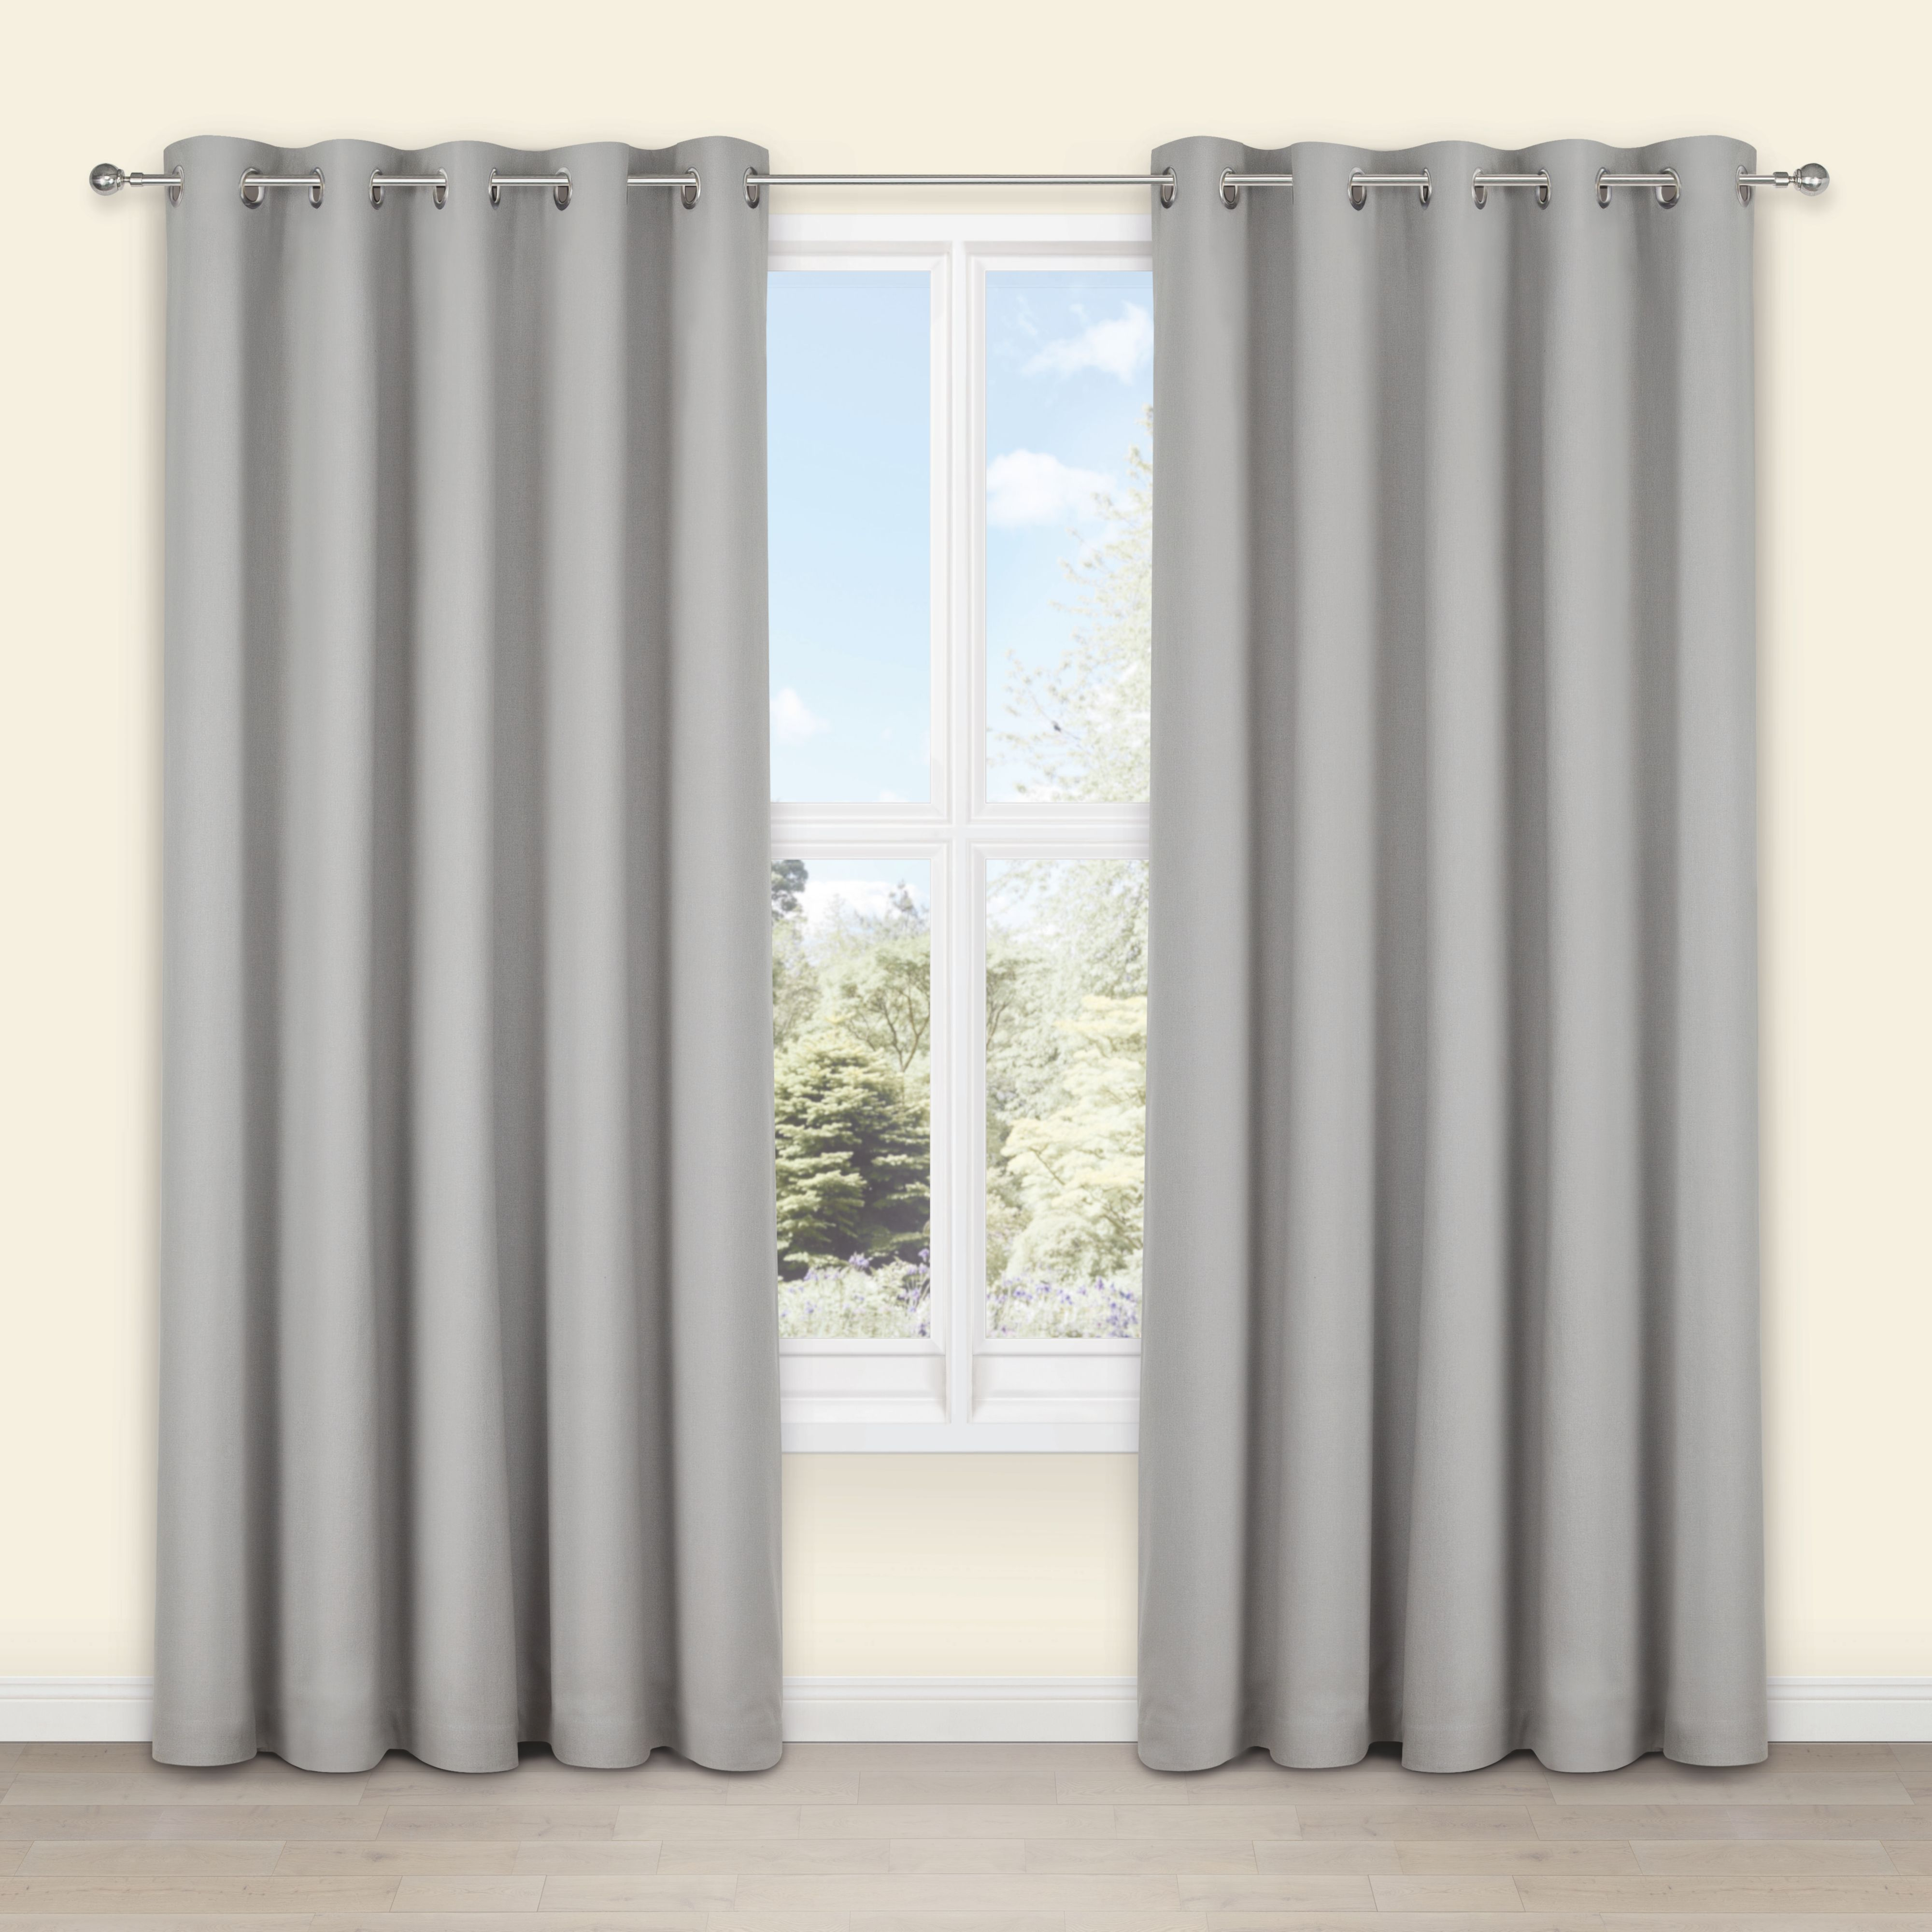 Salla Concrete Plain Woven Eyelet Lined Curtains (w)167 Cm (l)183 Cm